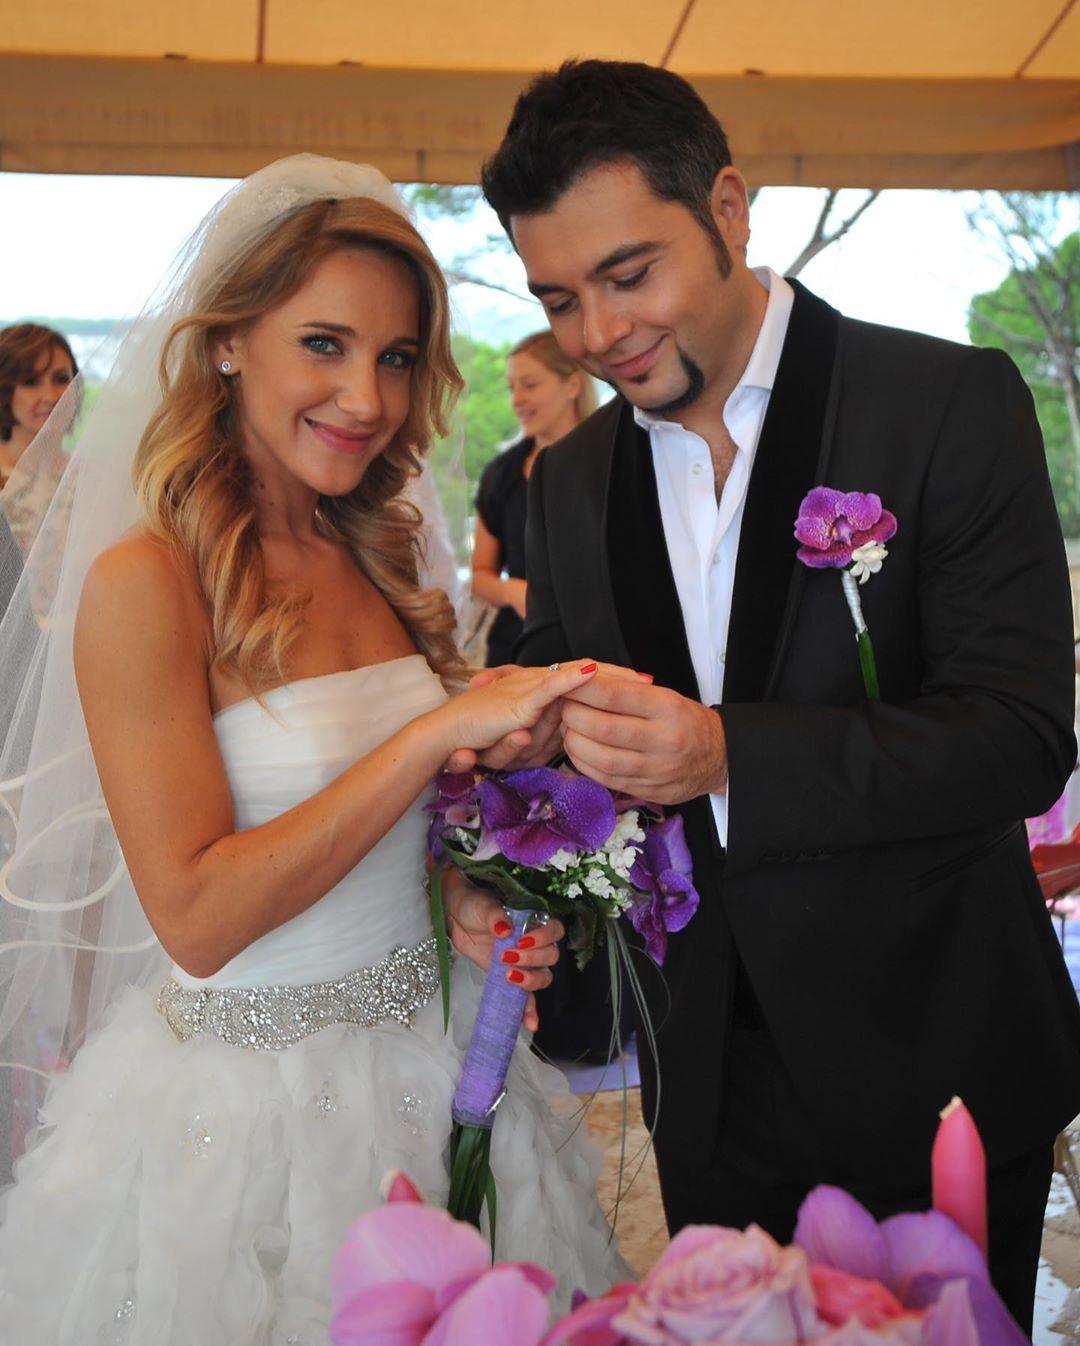 Юлия Ковальчук и Алексей Чумаков отметили медную свадьбу